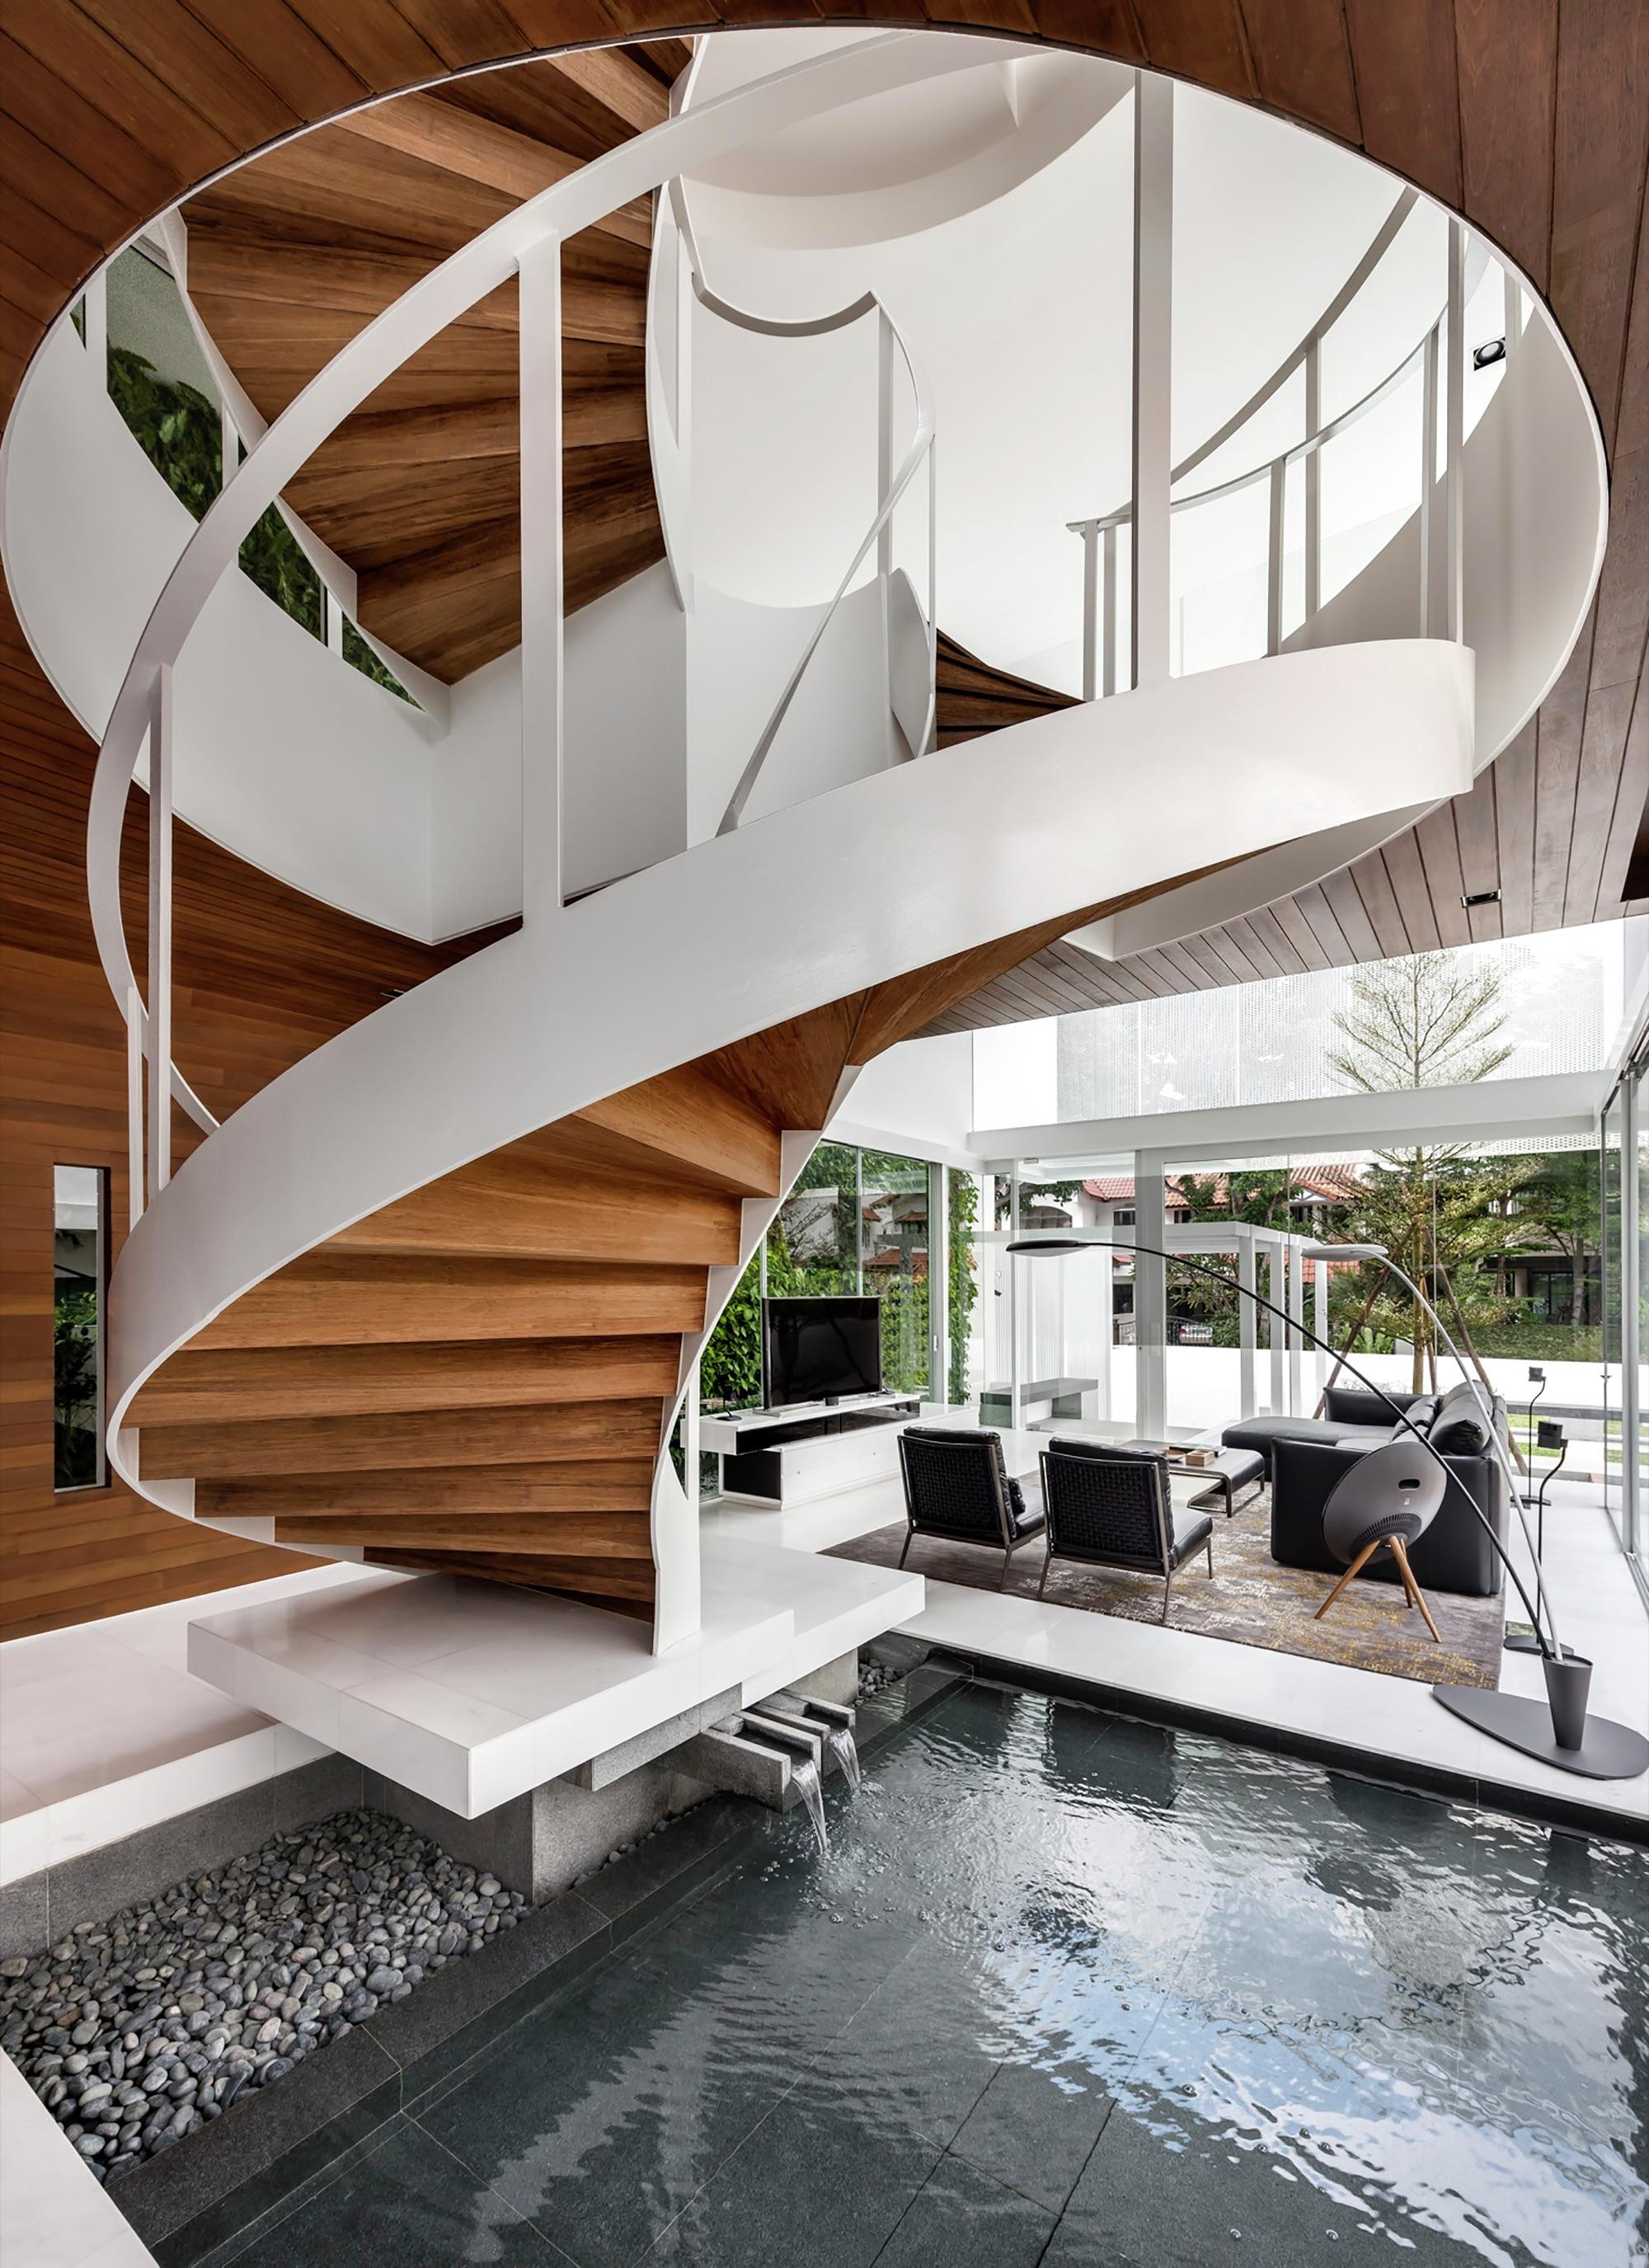 Casa moderna cuatro dormitorios construye hogar - Casas con escaleras interiores ...